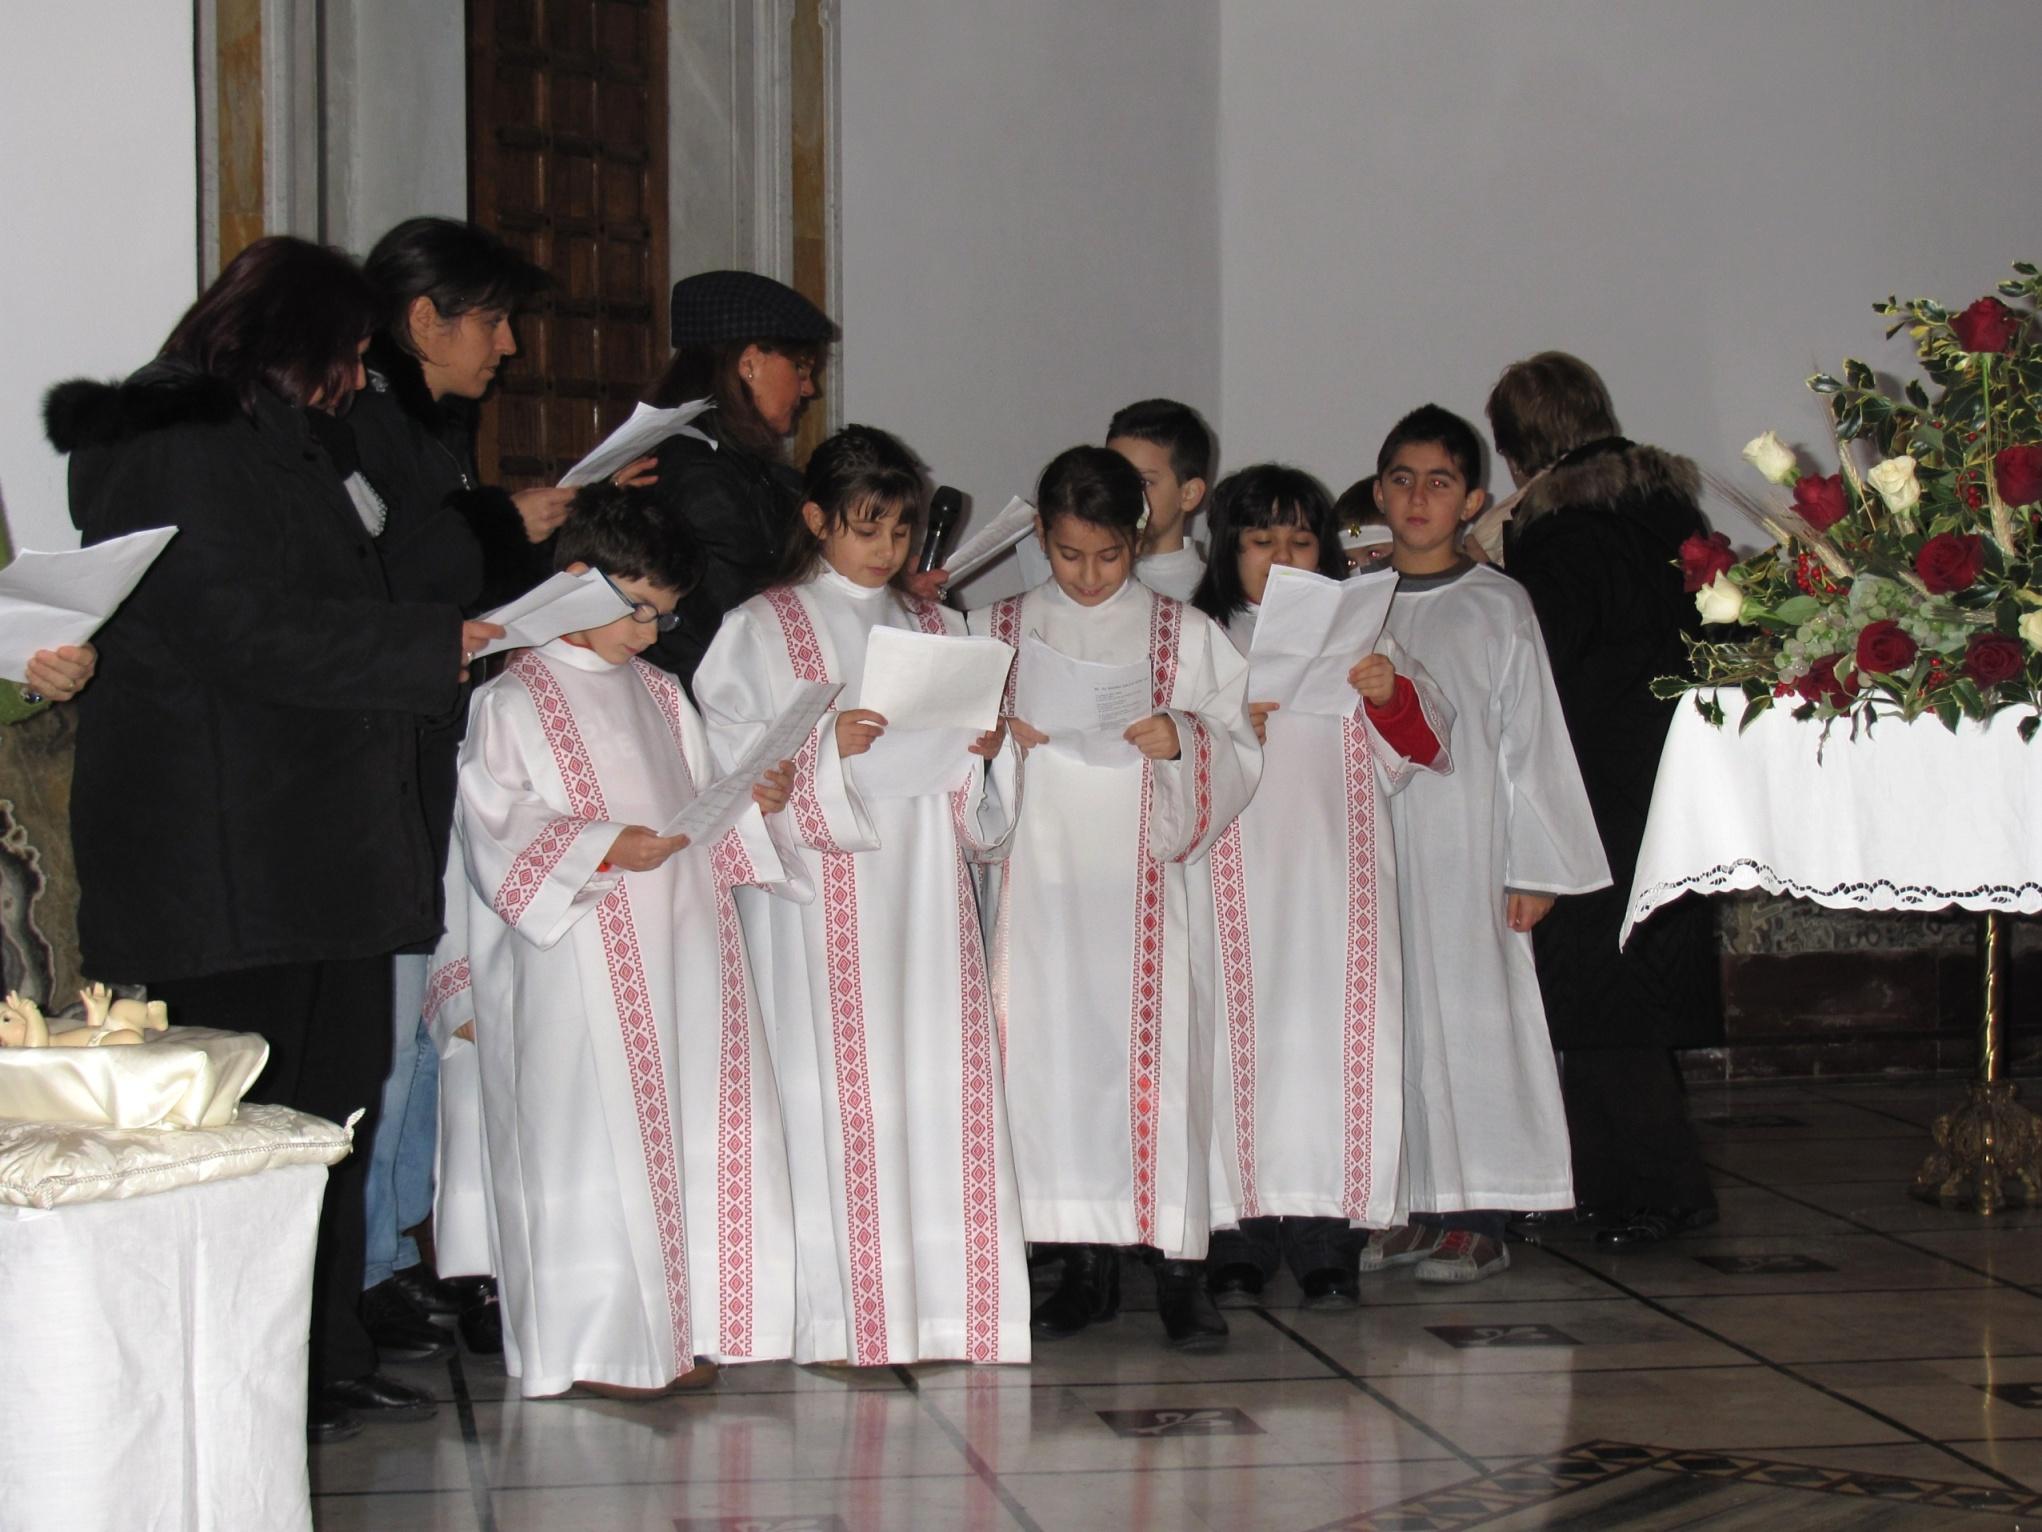 natale_recita_vigilia_2010-12-24-17-34-21